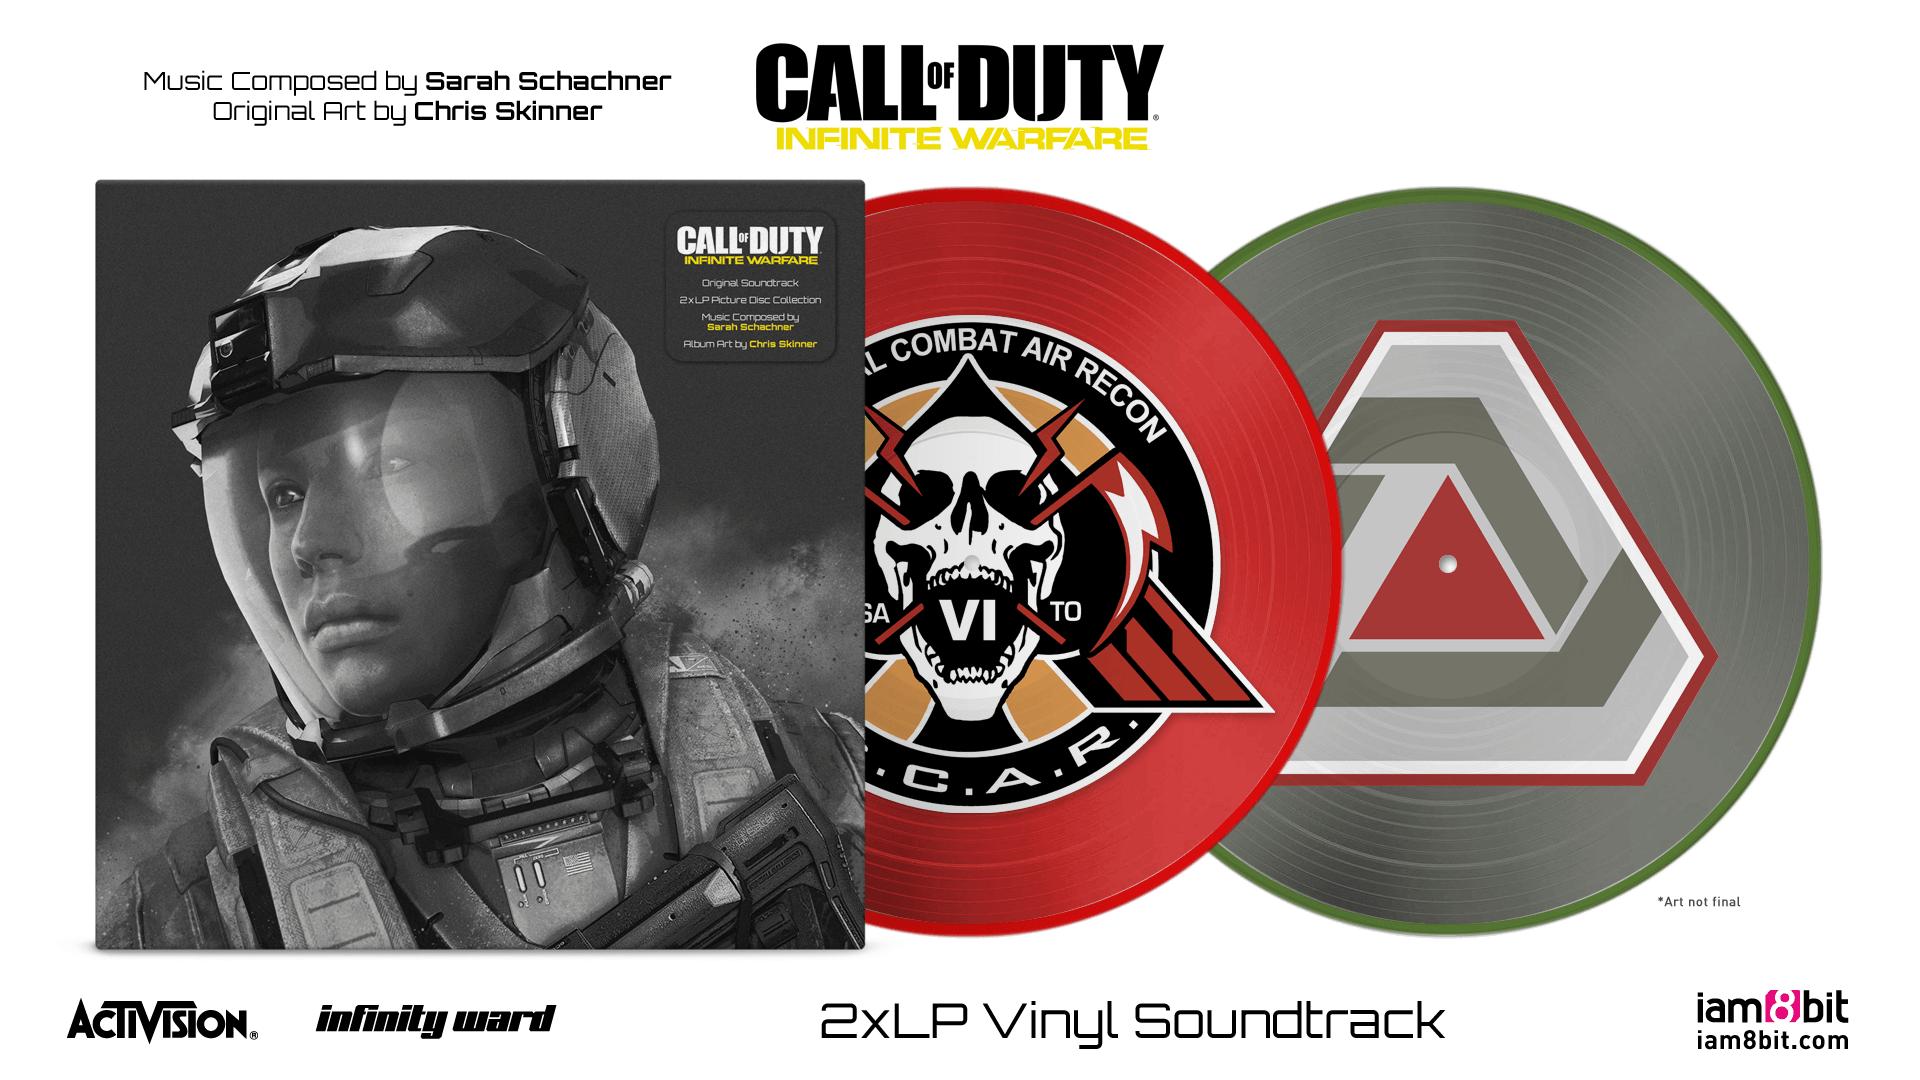 【Call of Duty(コール オブ デューティ)】 インフィニット・ウォーフェア - 画像2